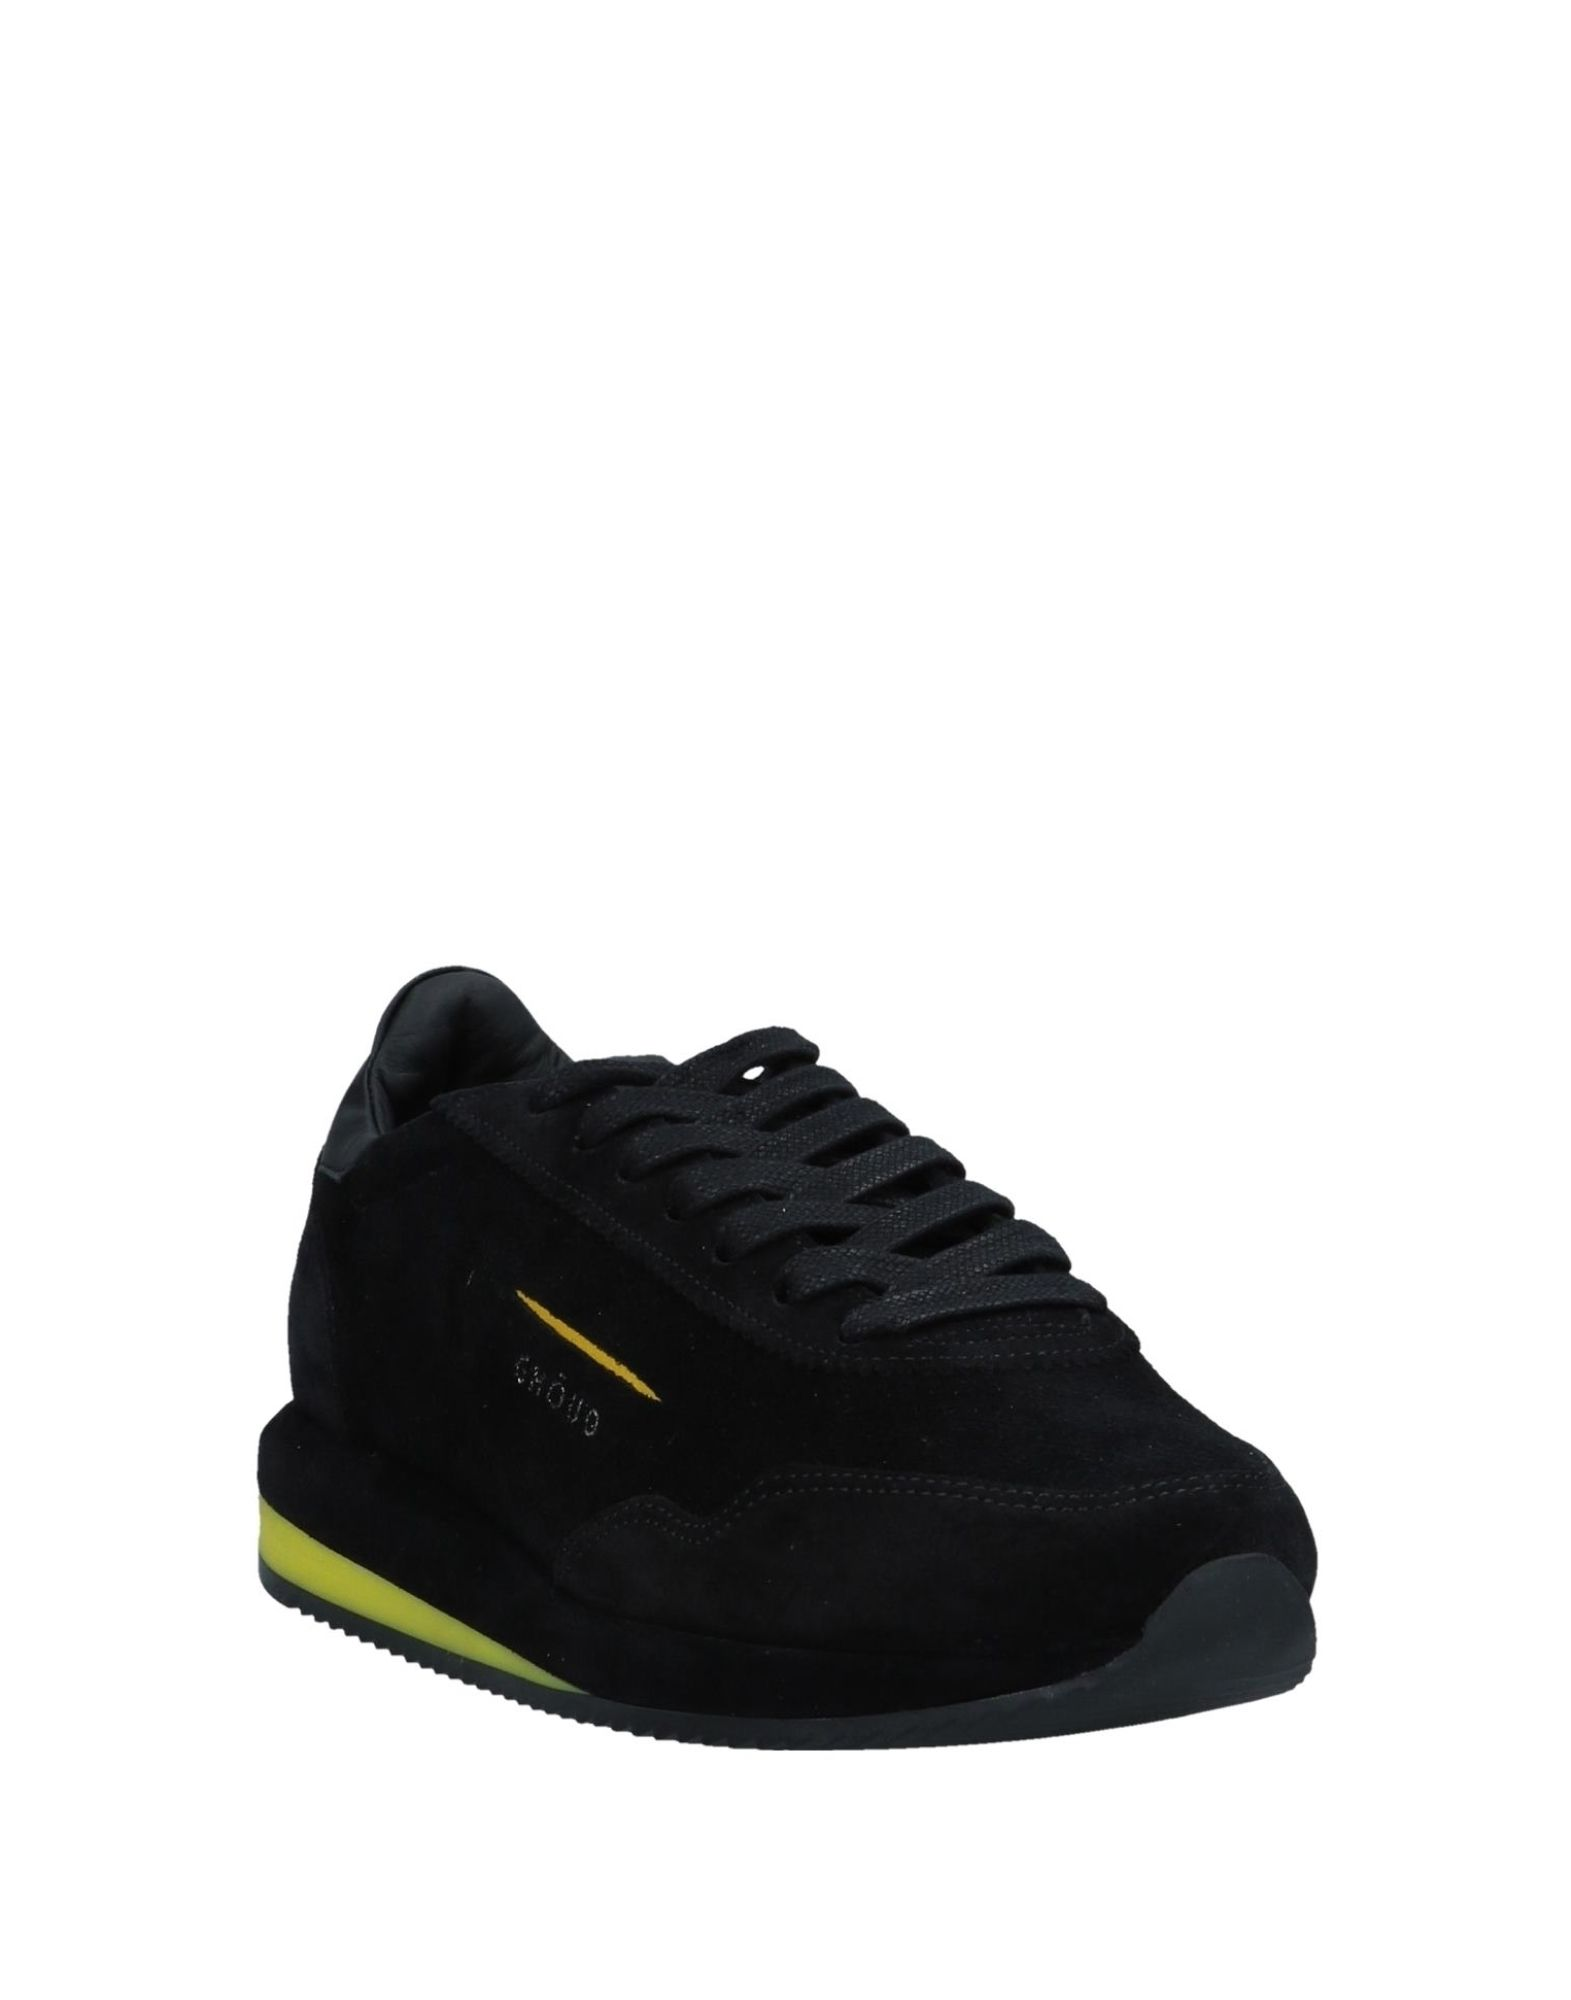 Stilvolle Sneakers billige Schuhe Ghōud Venice Sneakers Stilvolle Damen  11548984TF 0800d8